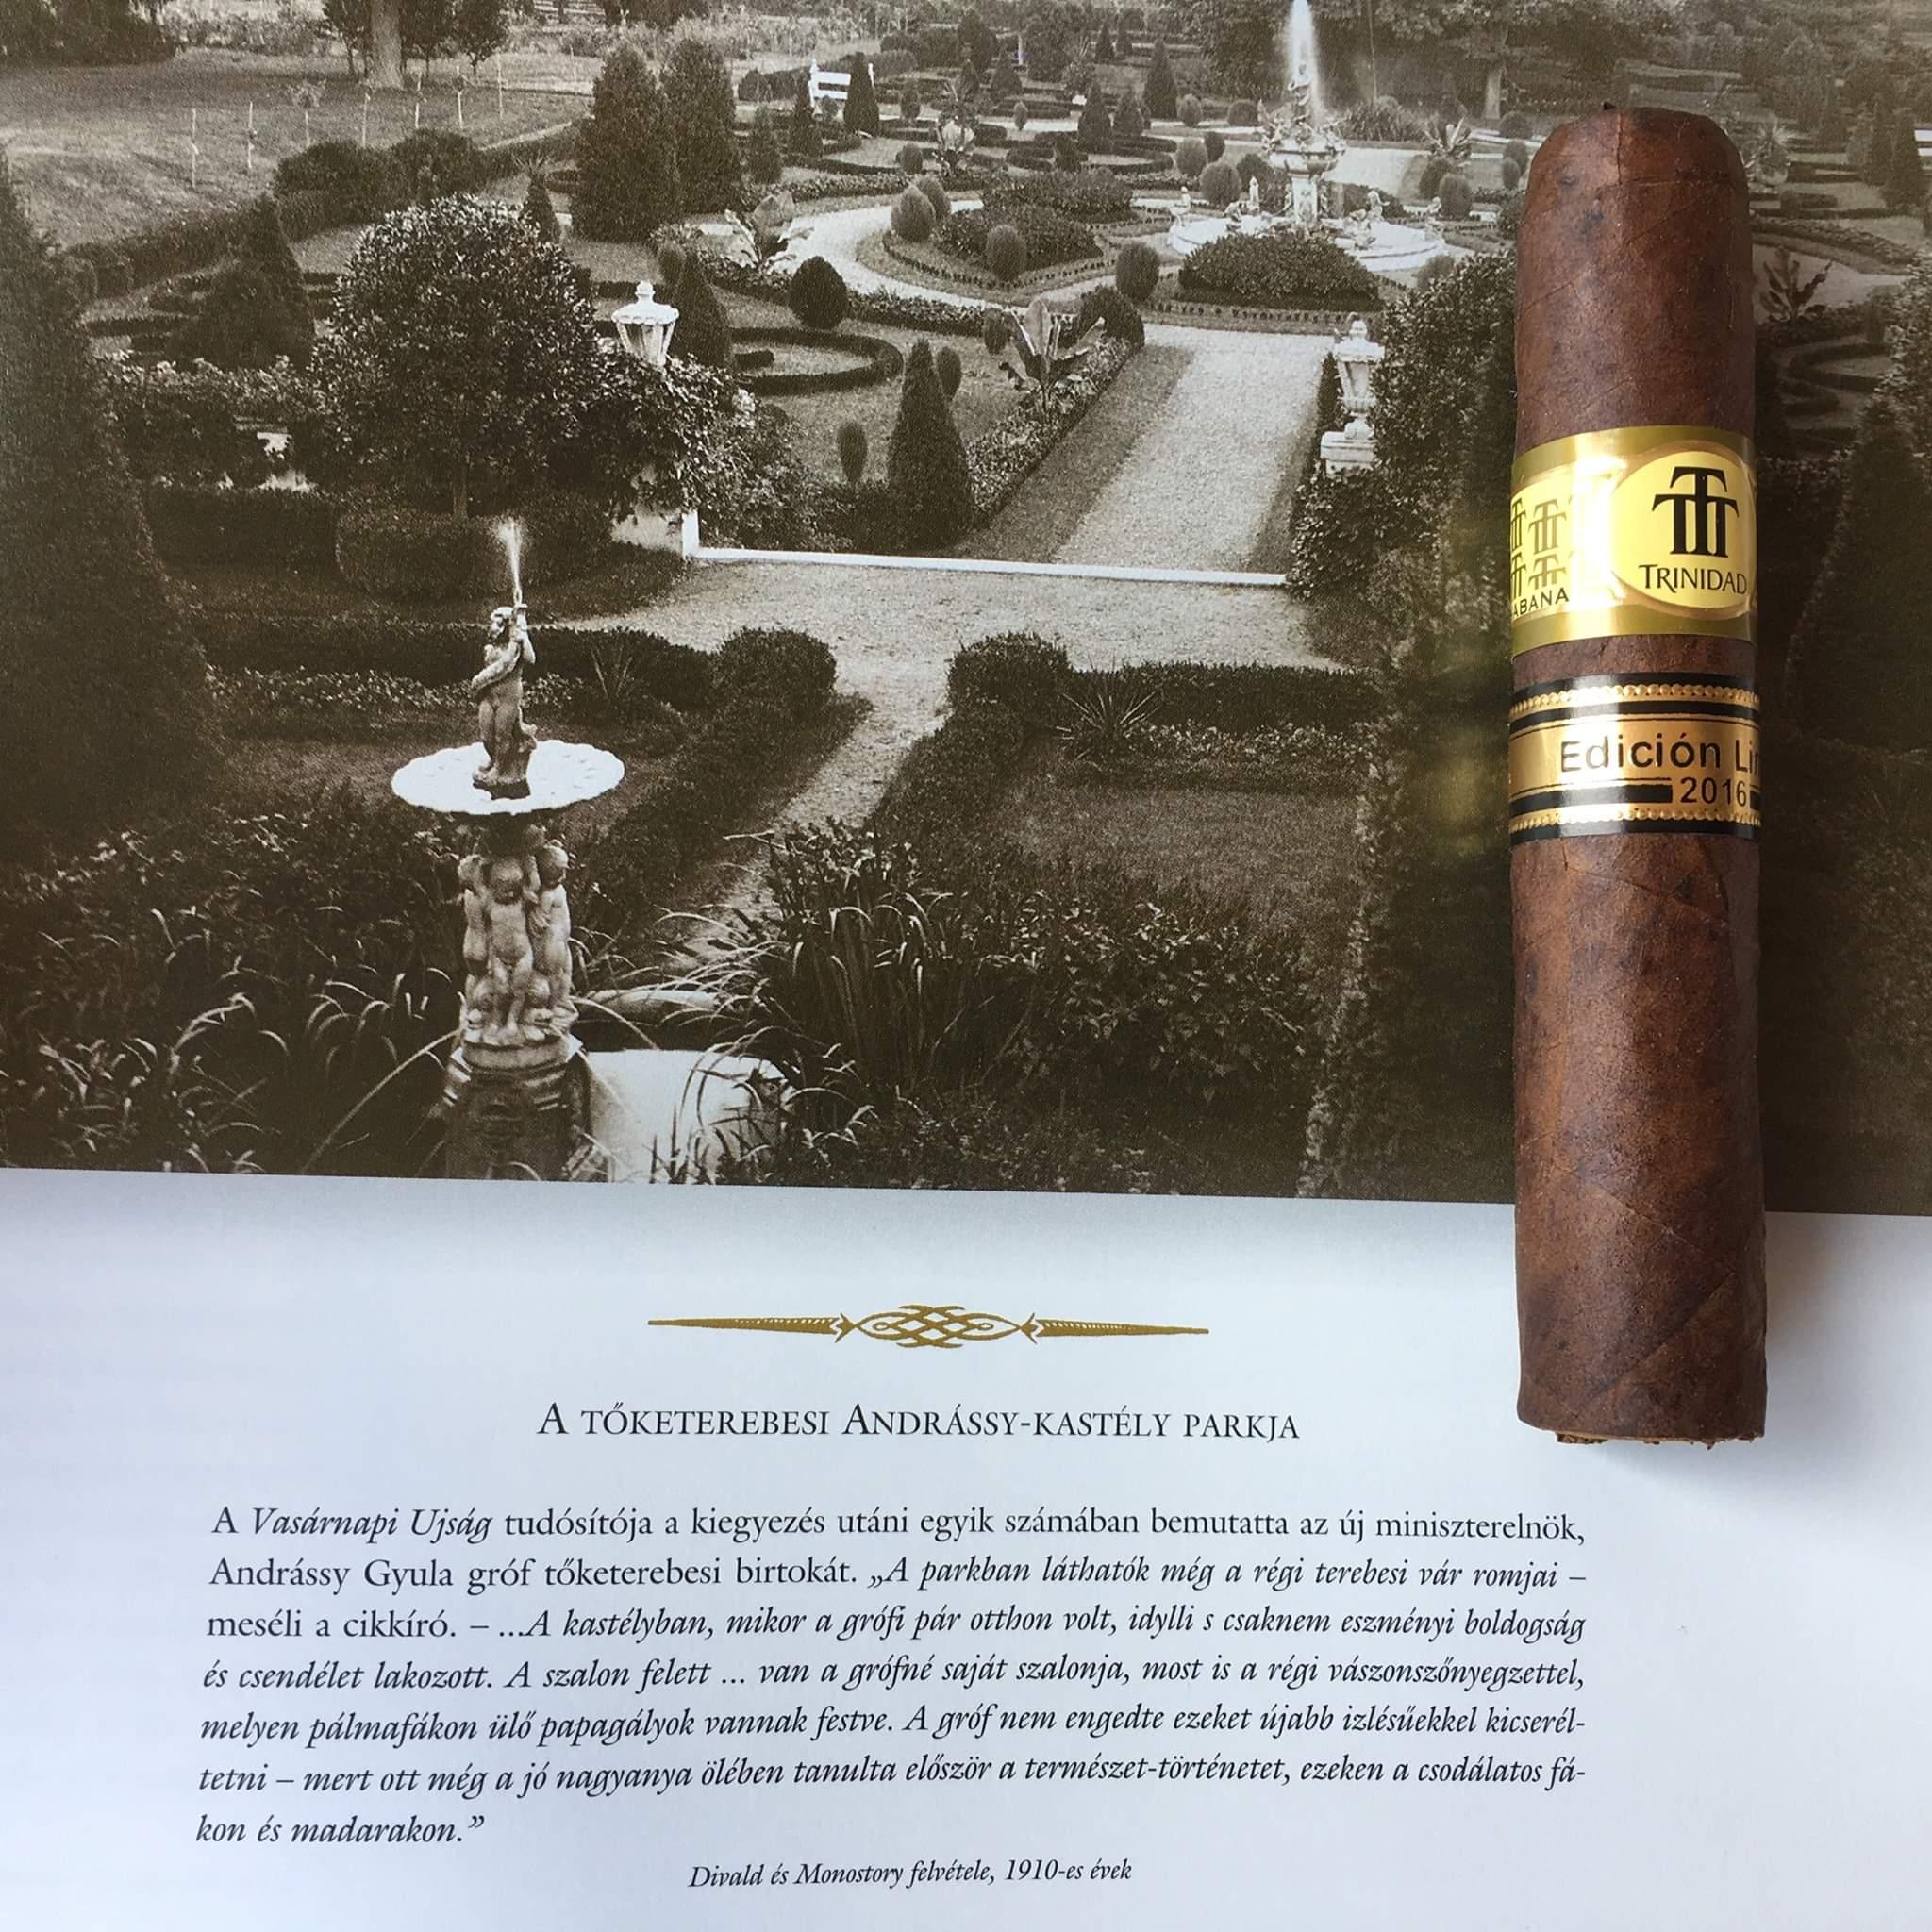 kastelyok_es_magnasok_a_het_szivarjai_cigarmonkeys_3.JPG